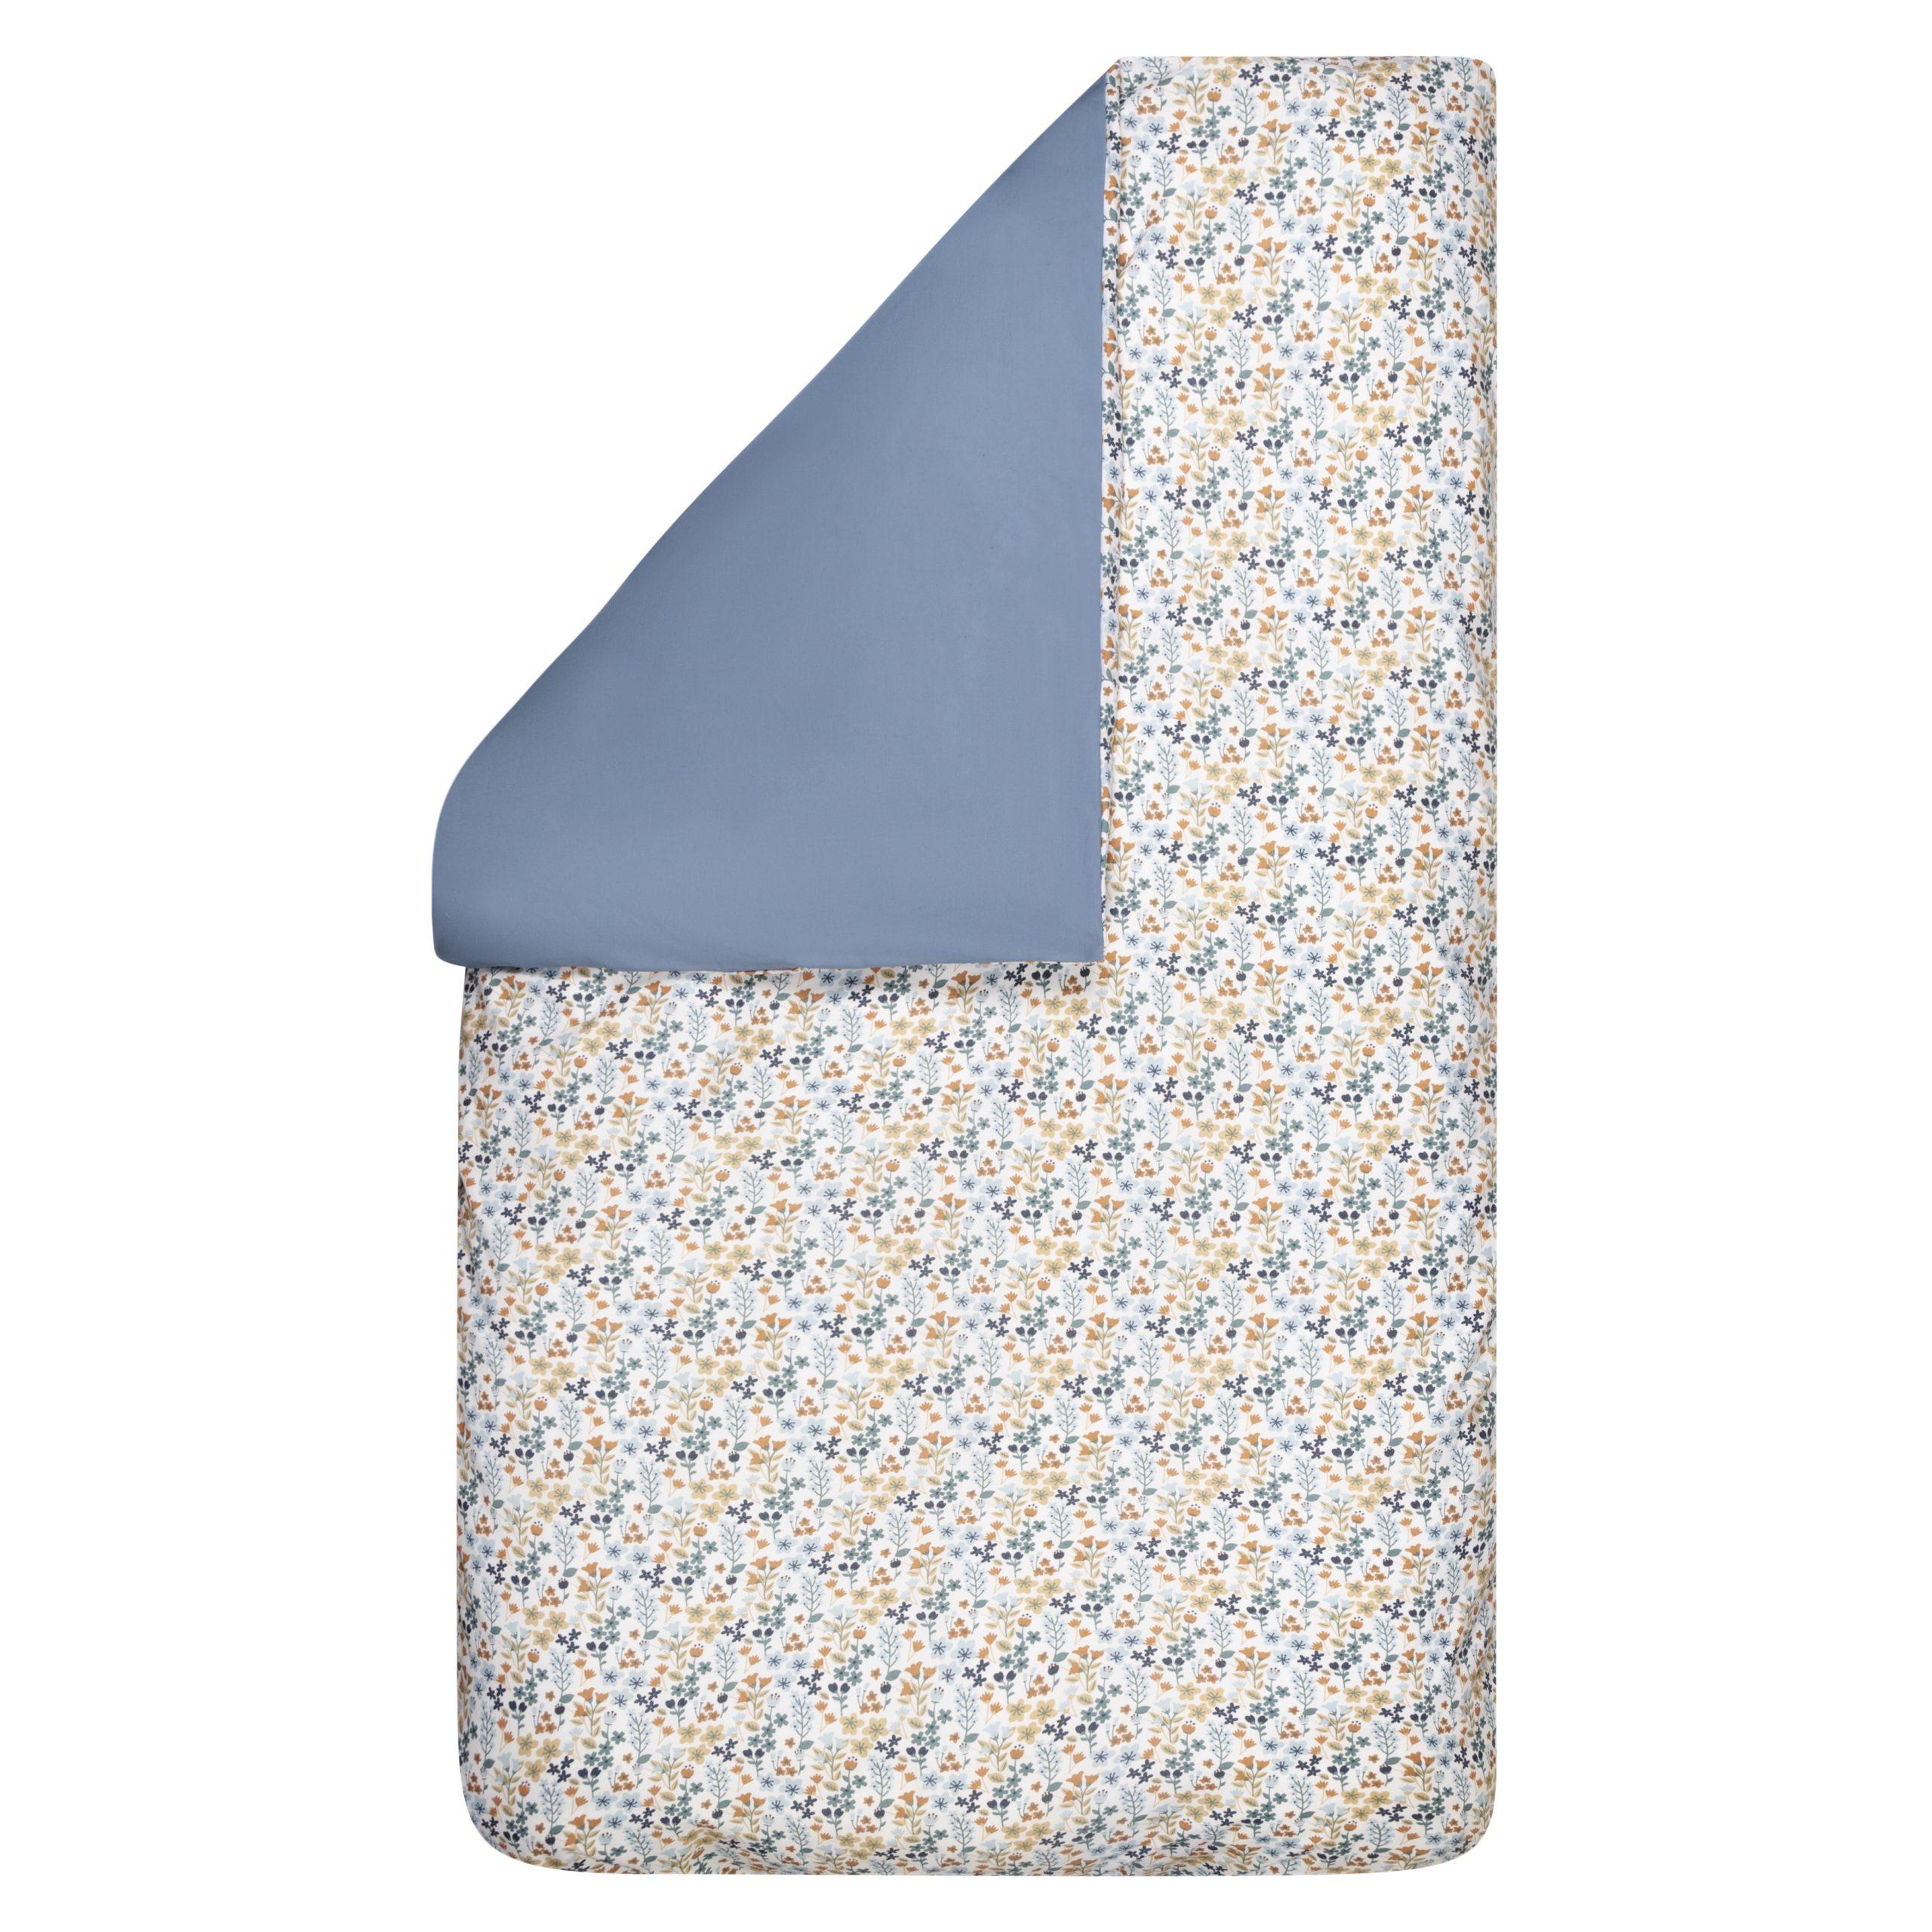 BINK Bedding dekbedovertrek ledikant 100x135 Daan met een vrolijk gebloemde print in mooie kleuren zoals blauw, zand en roestbruin op een frisse witte ondergrond.